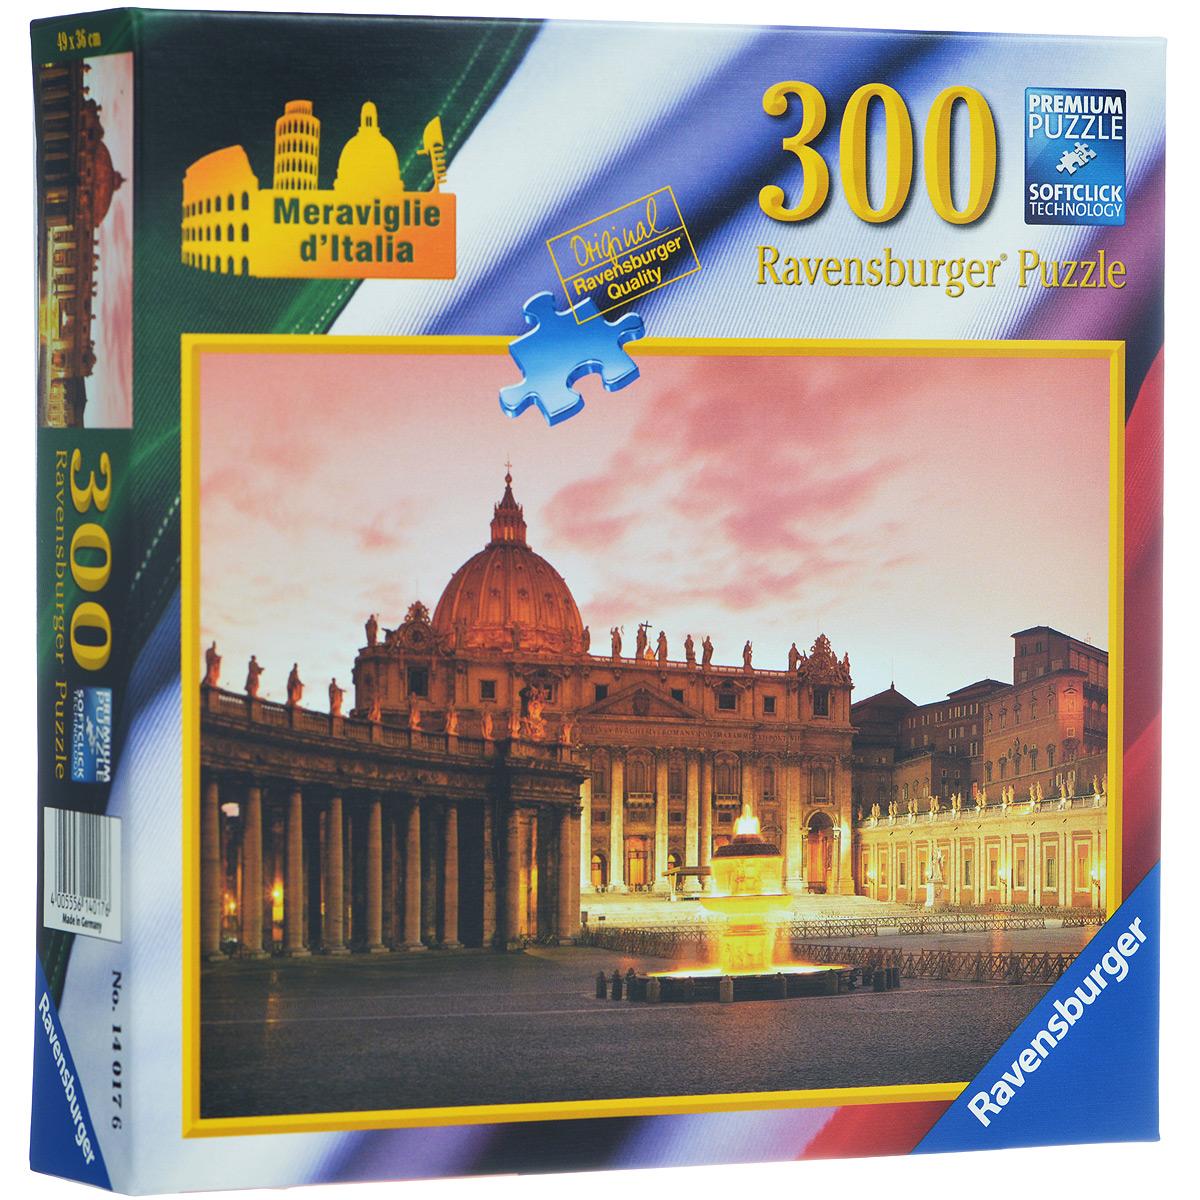 Ravensburger Площадь Святого Петра. Пазл, 300 элементов